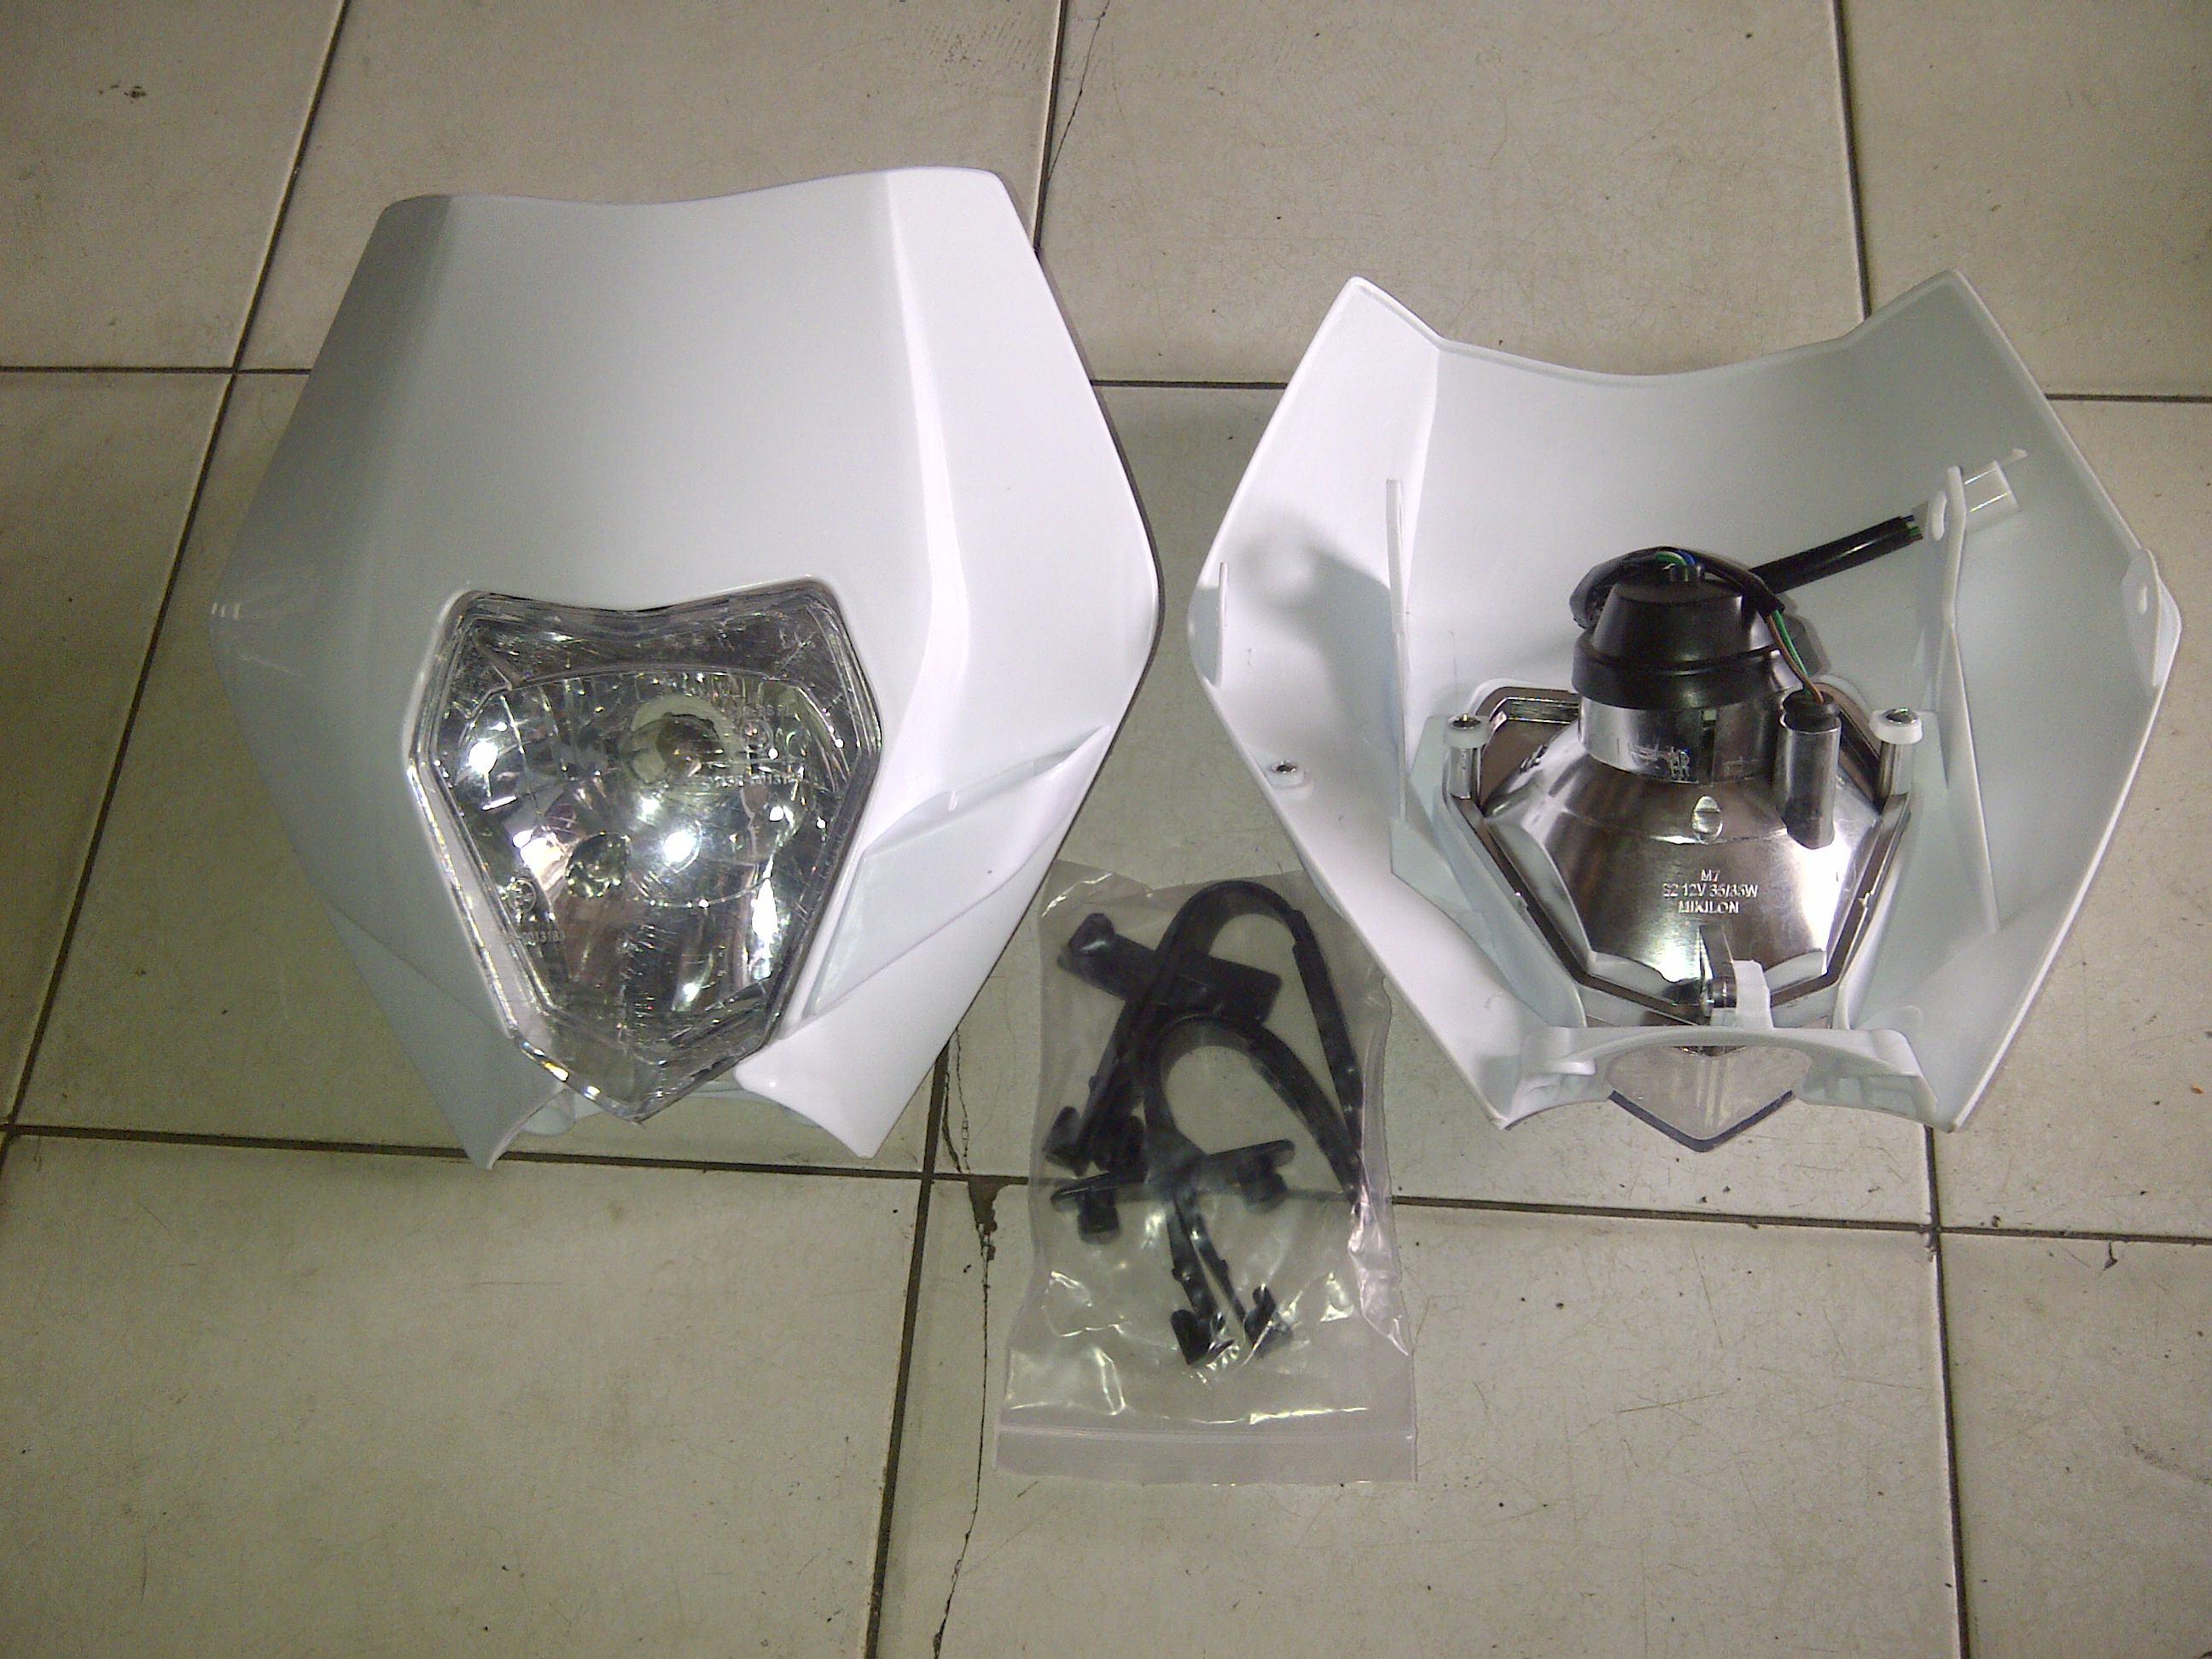 IMG 20150302 00625 kedok lampu ktm model 2013 bukan ori Rp.350.000